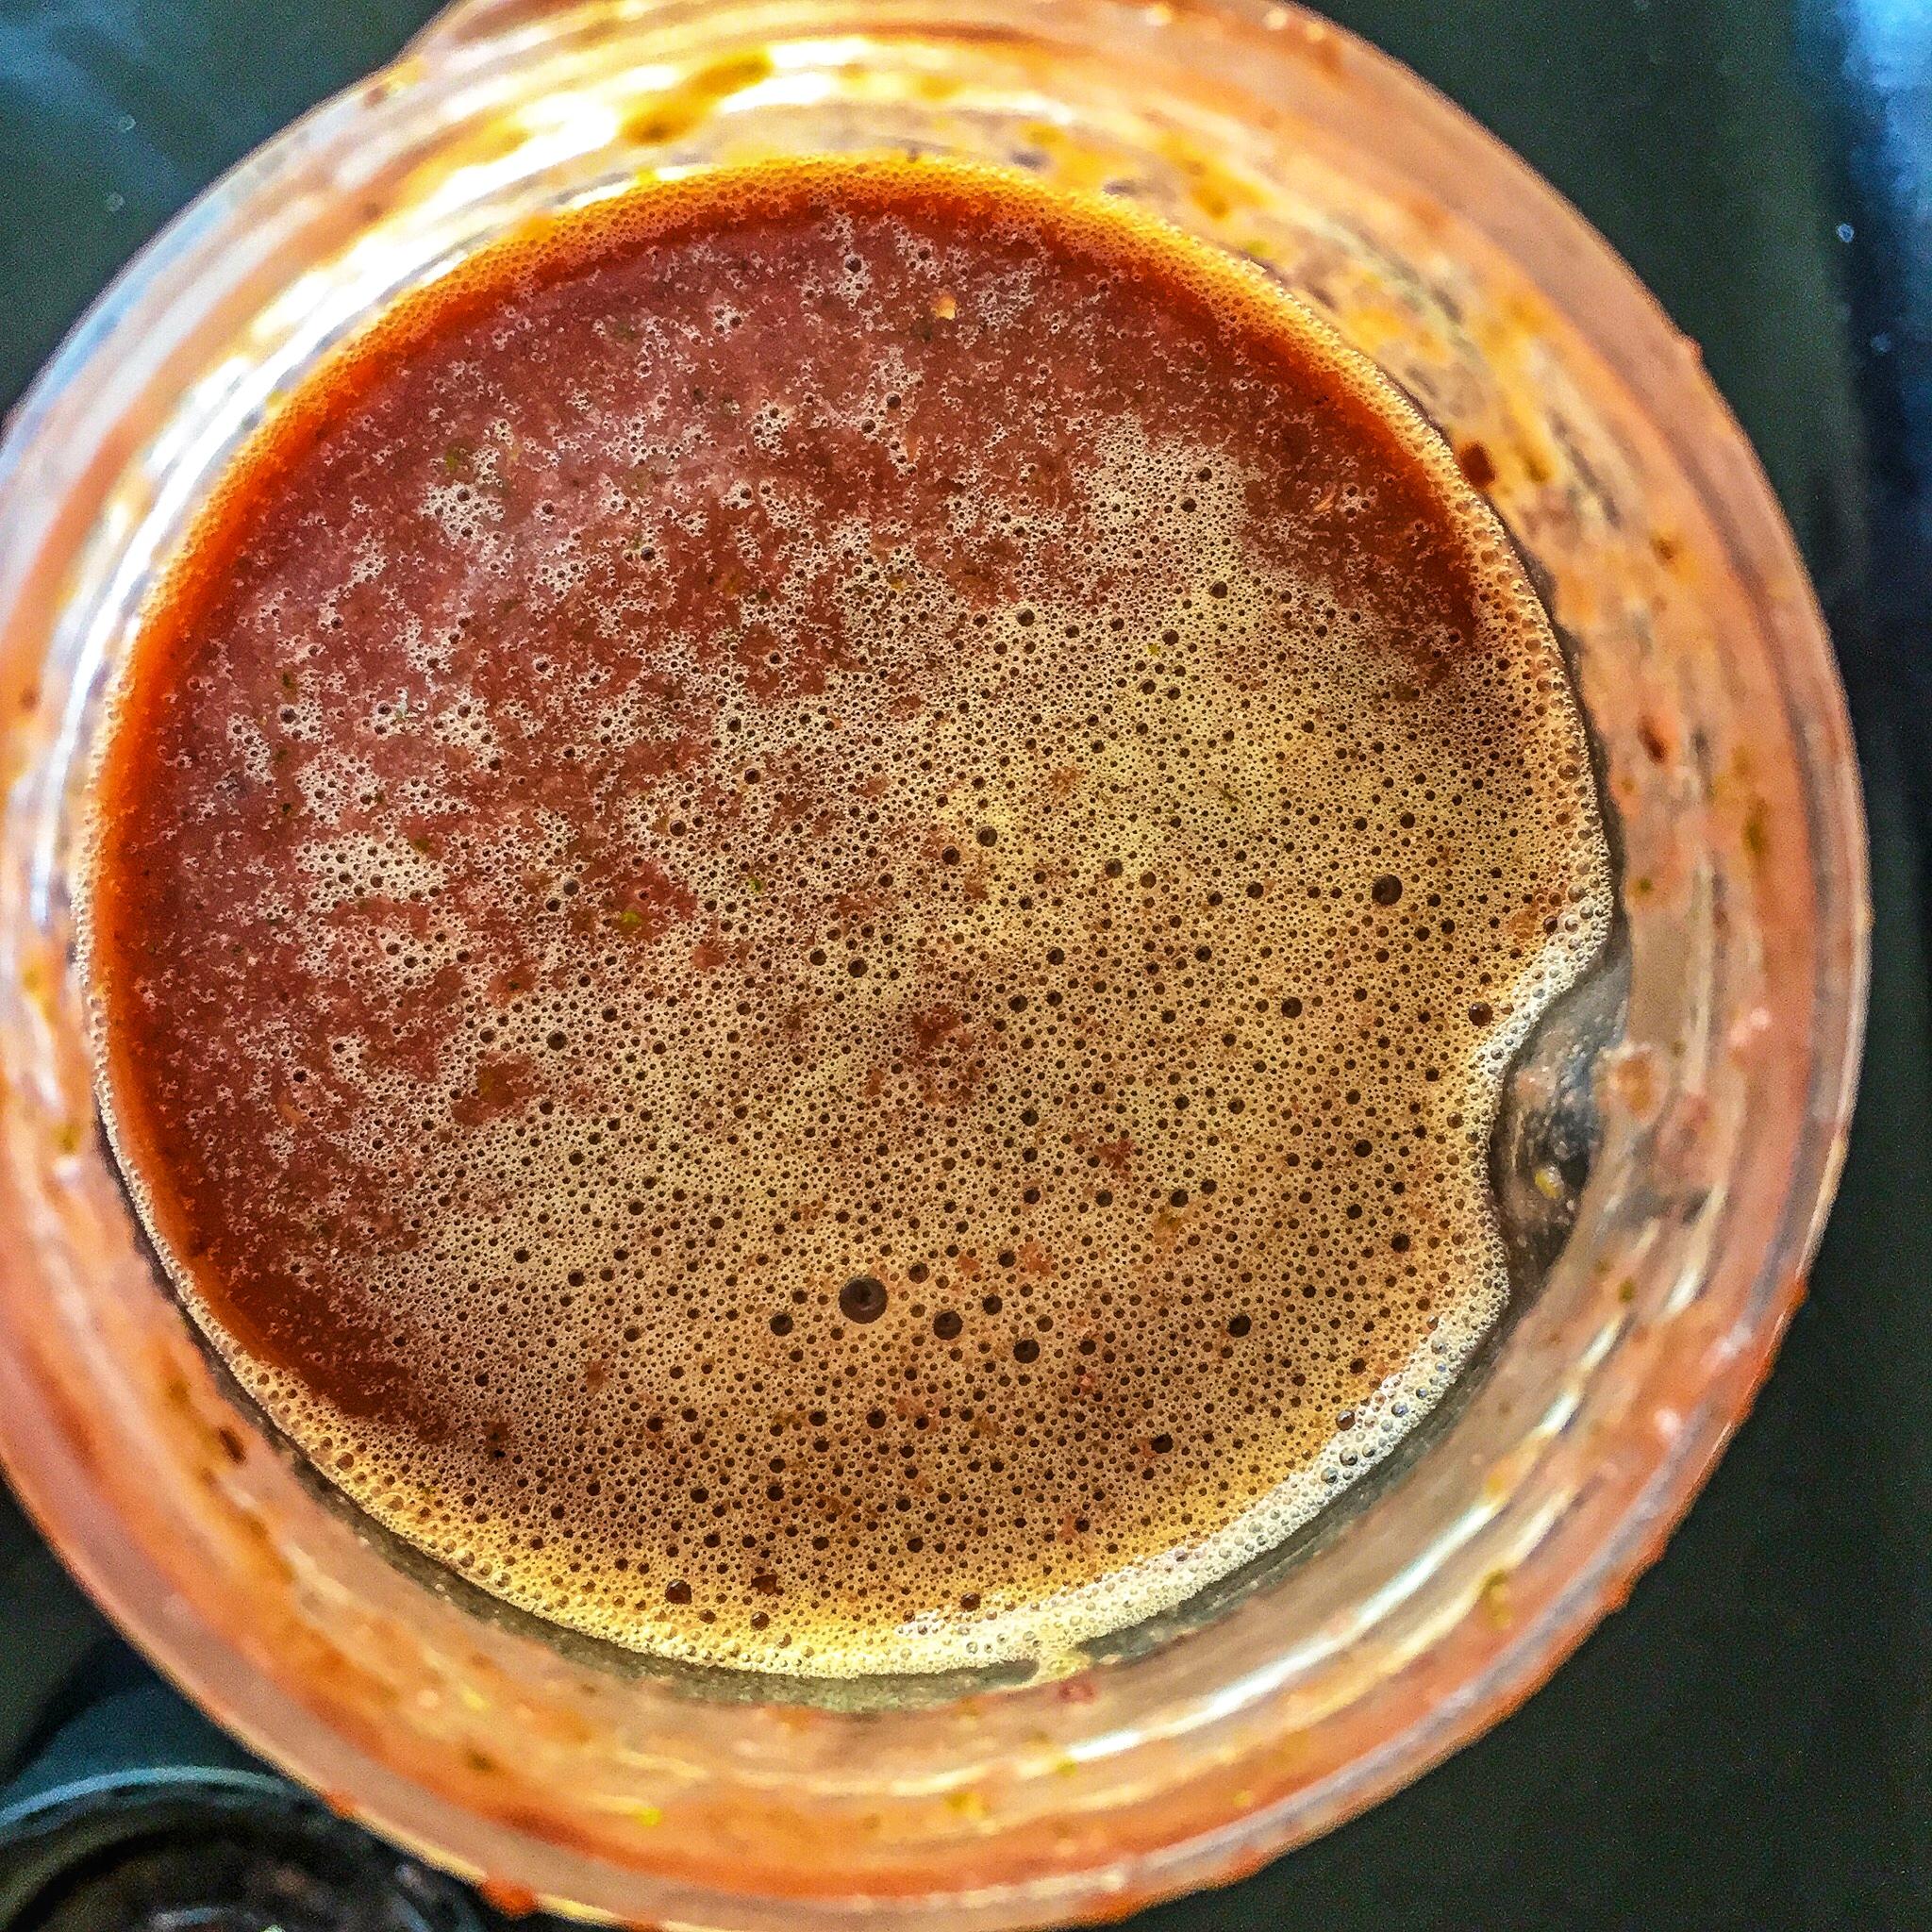 Beetroot Kale smoothie recipe